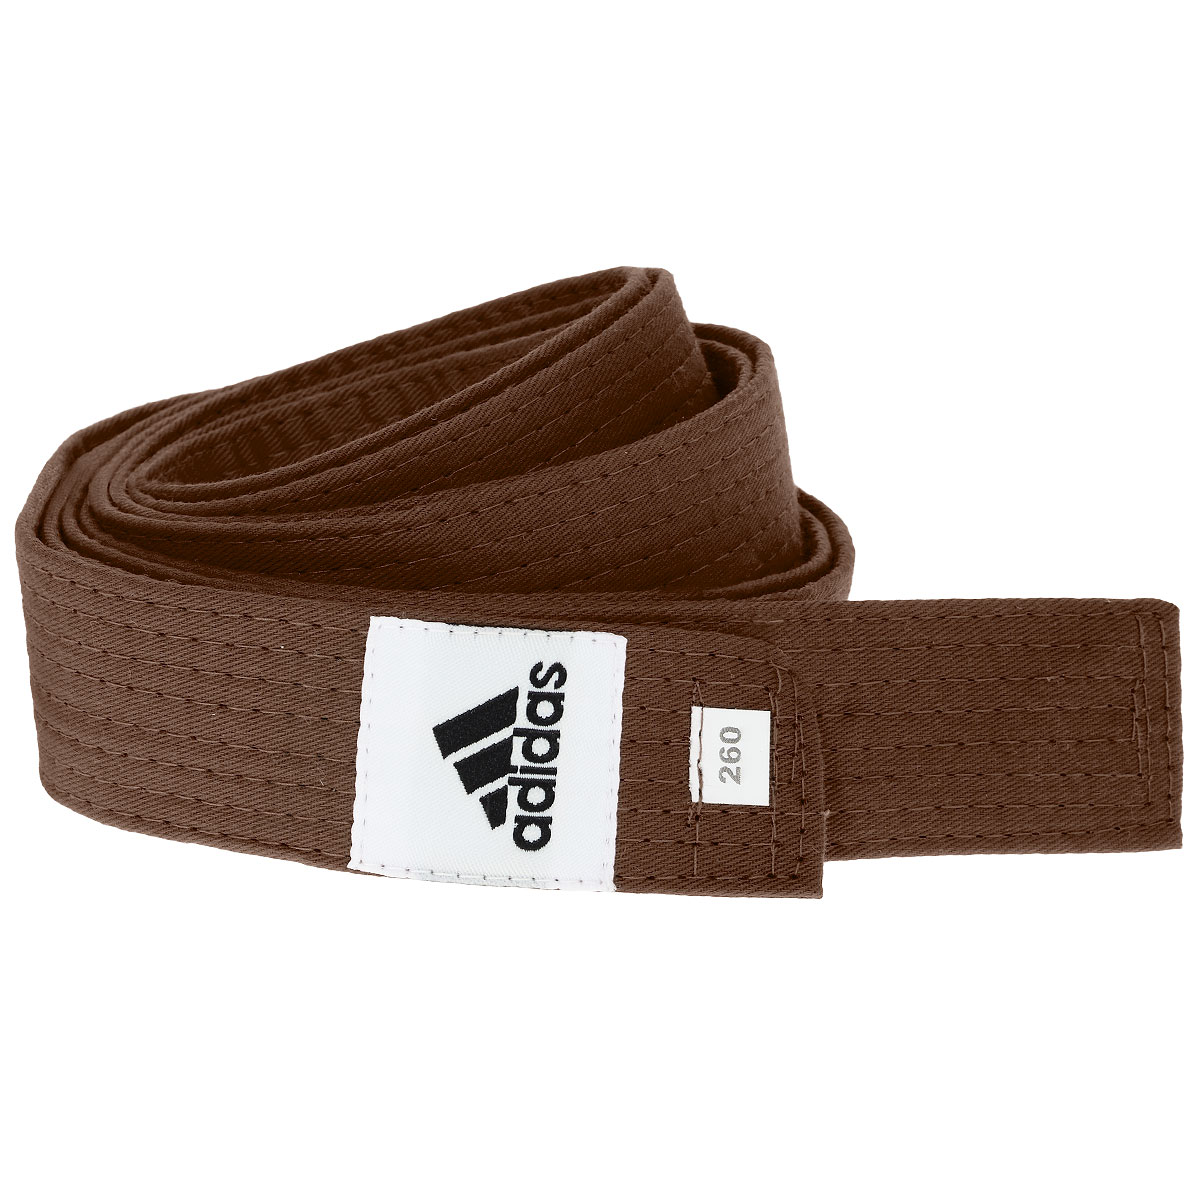 Пояс для единоборств adidas Club, цвет: коричневый. adiB220. Длина 260 см пояс для единоборств rusco 260 см зеленый